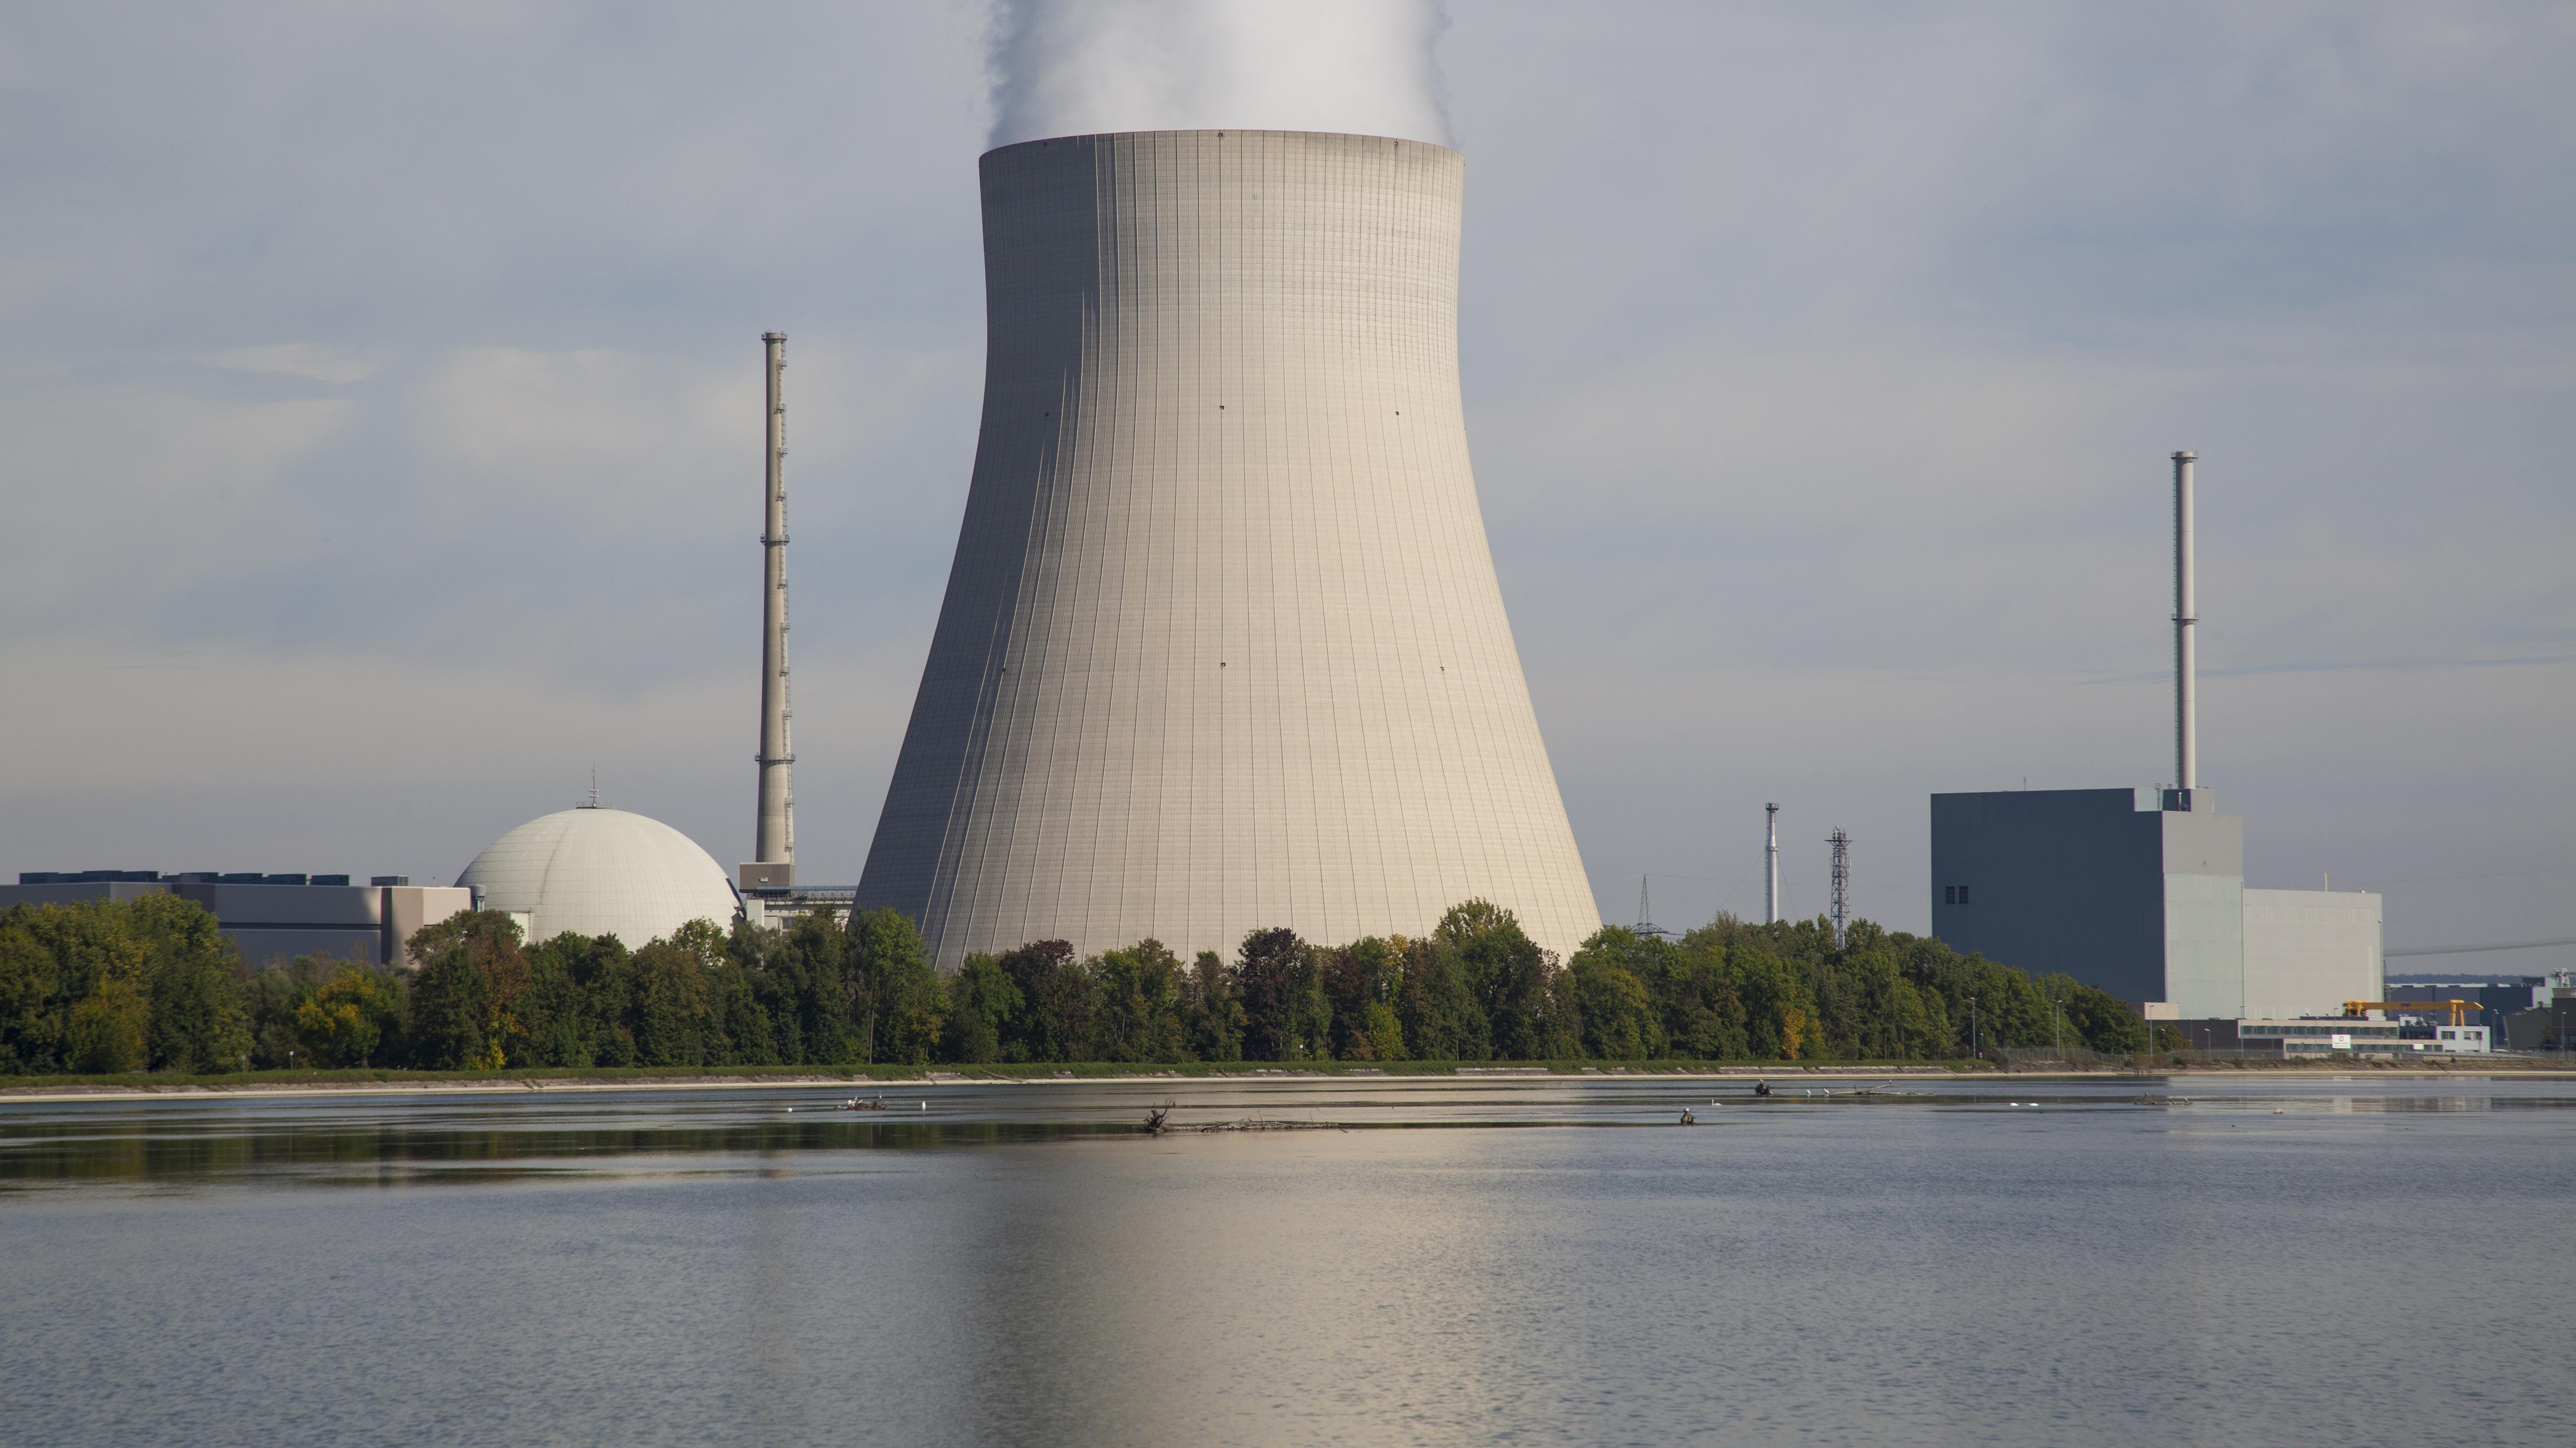 Das Kernkraftwerk Ohu in Niederbayern am Stausee Niederaichbach